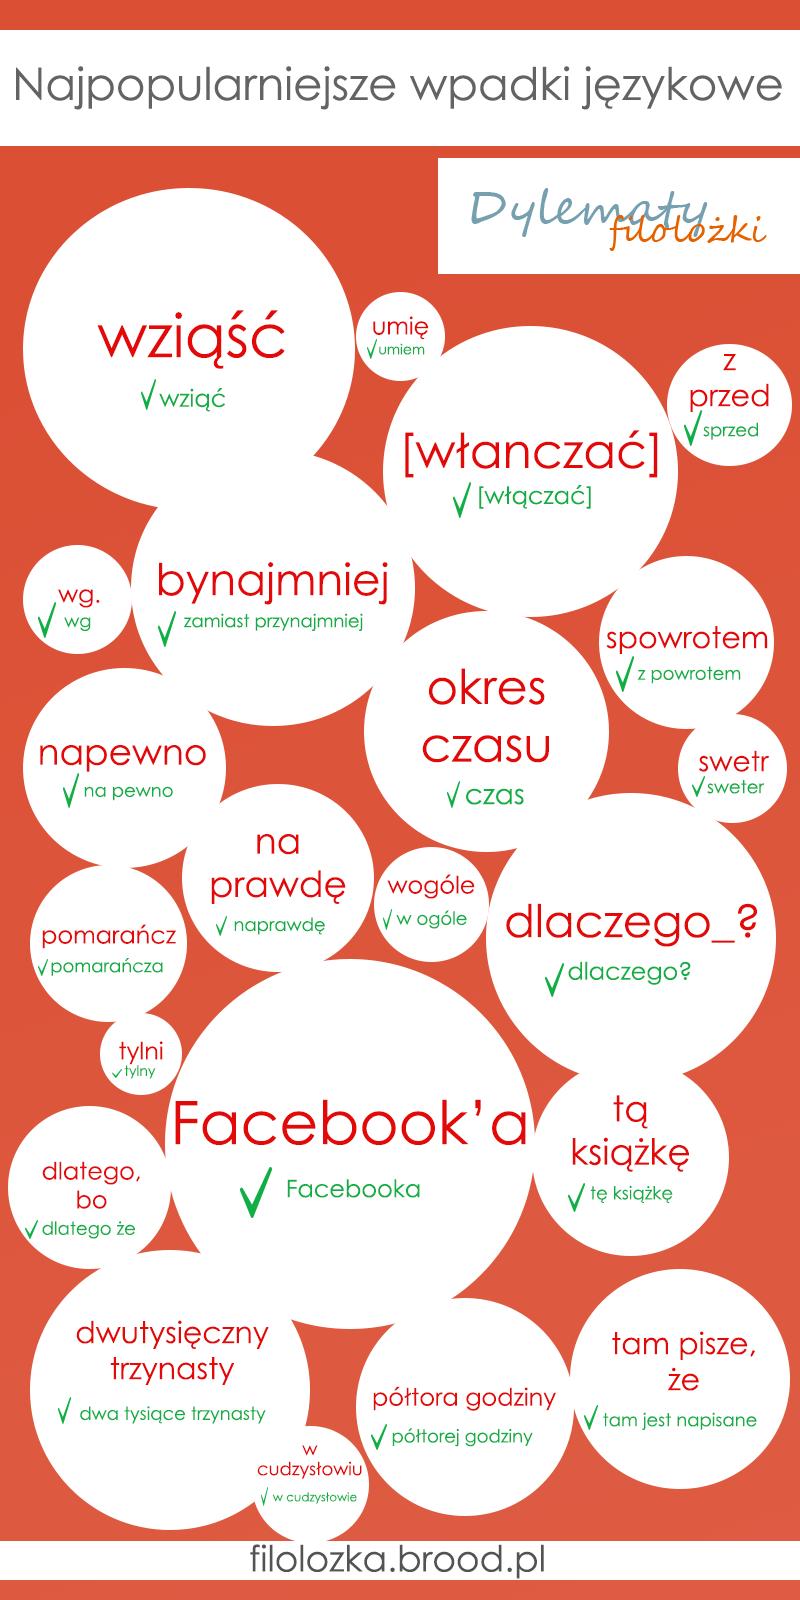 Najpopularniejsze wpadki językowe [INFOGRAFIKA]